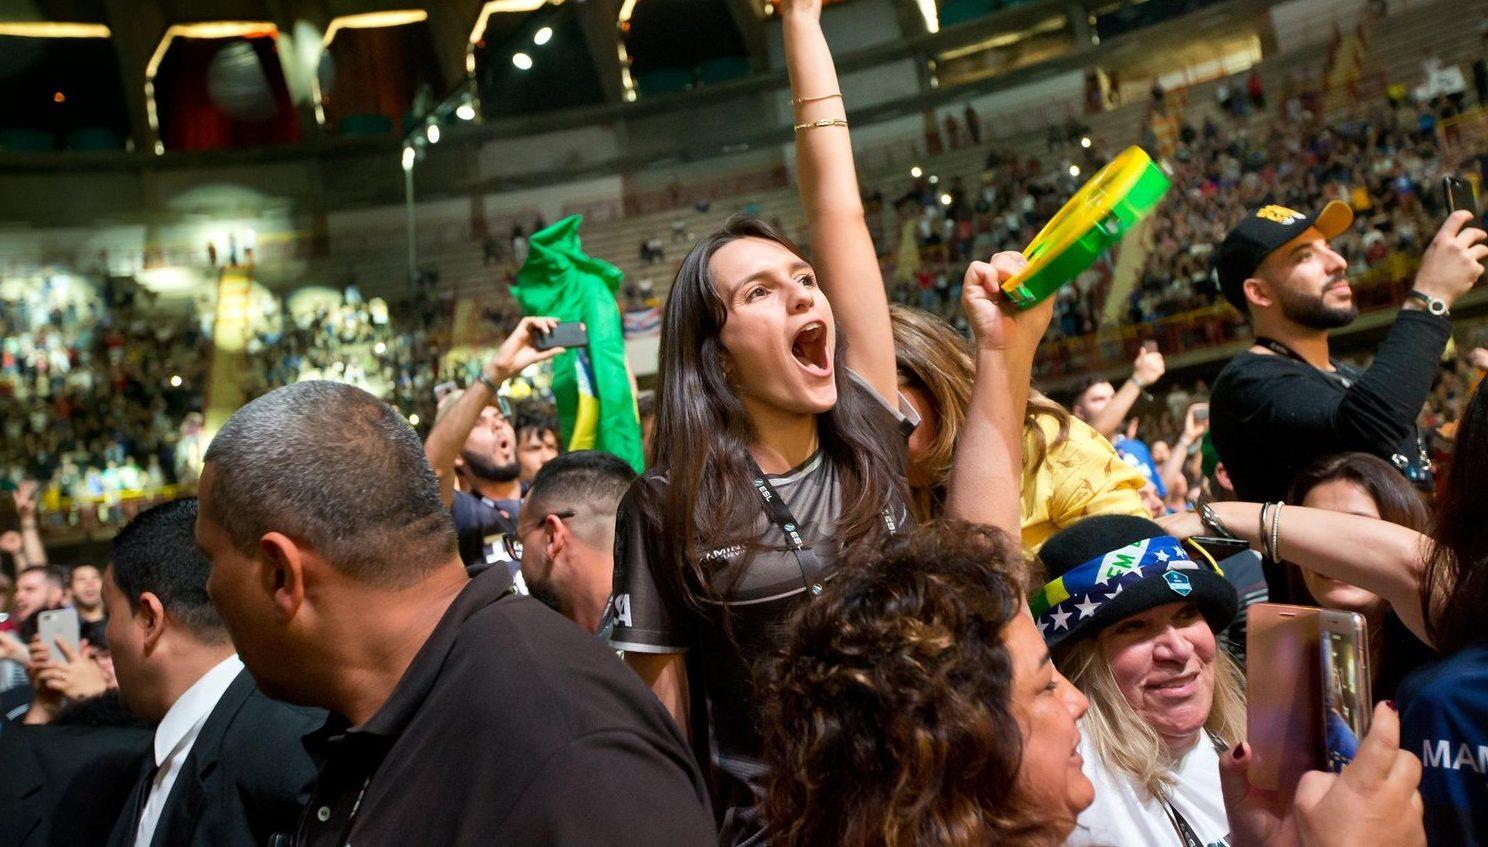 CS:GO Brazil Fans